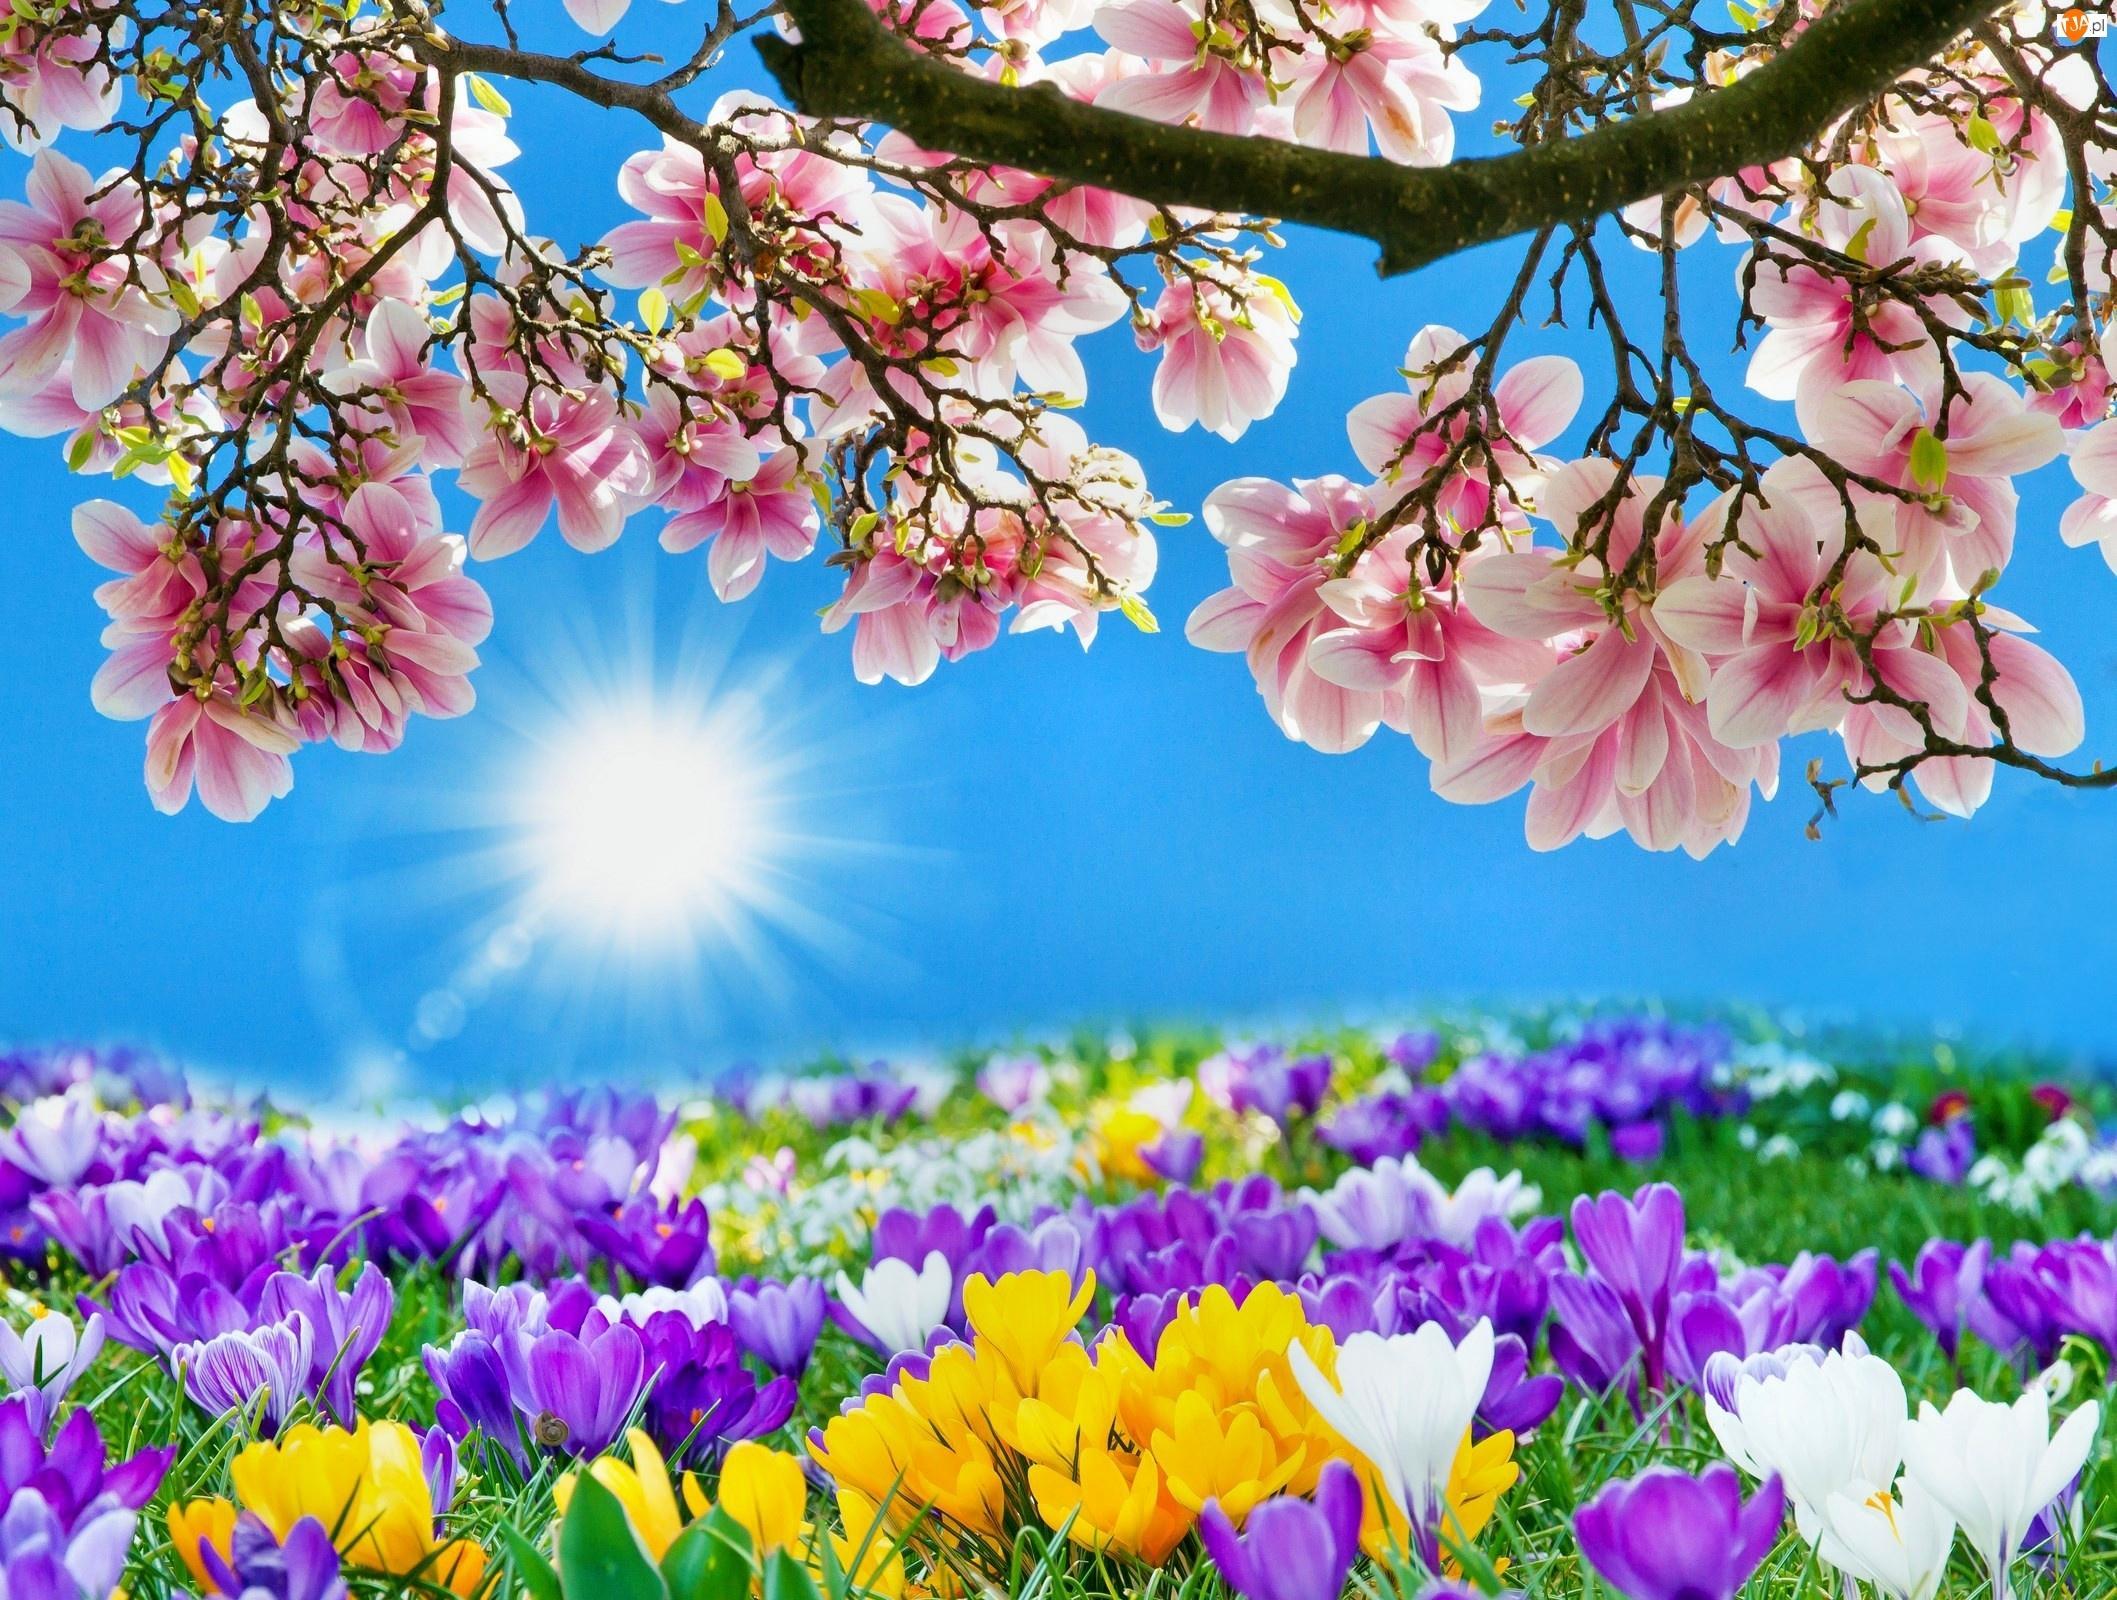 Wiosenne, Wiosna, Kwiaty, Słońce